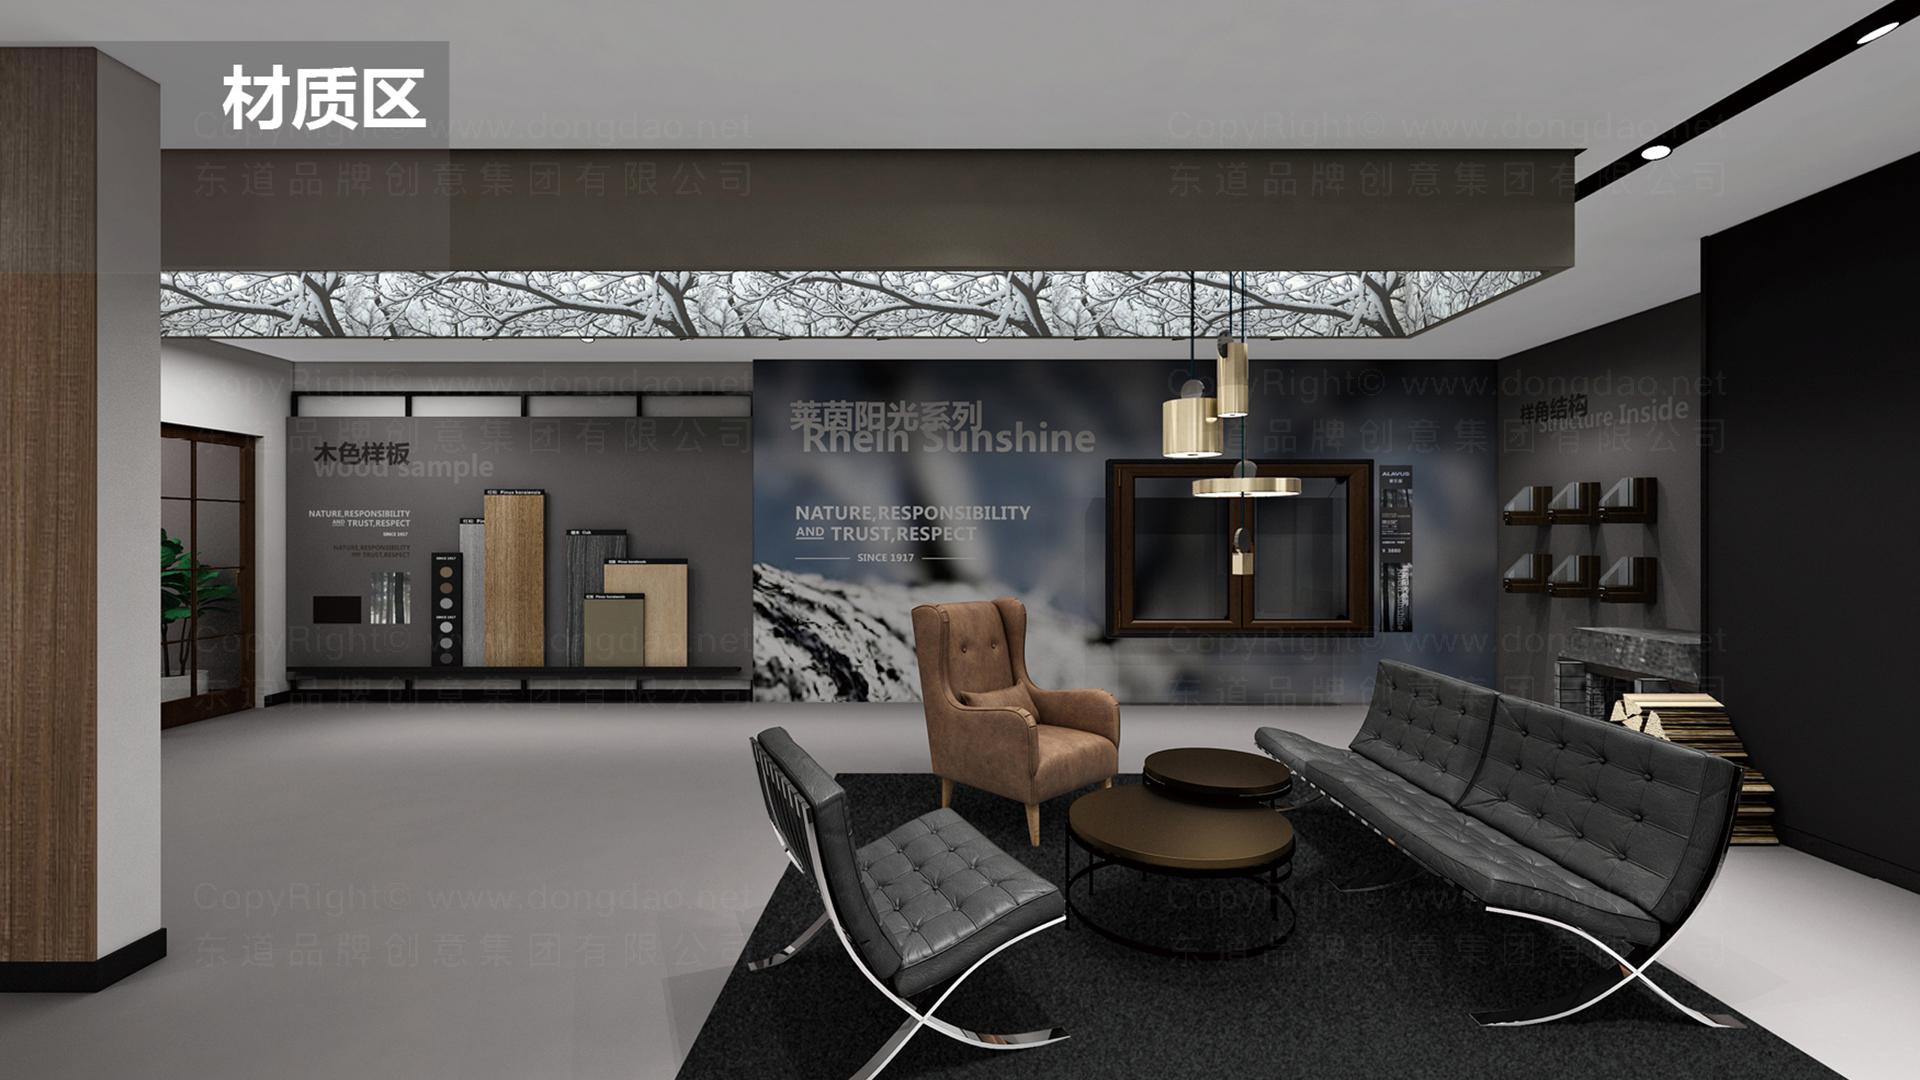 商业空间&导示天坛家具爱乐屋SI专卖店应用场景